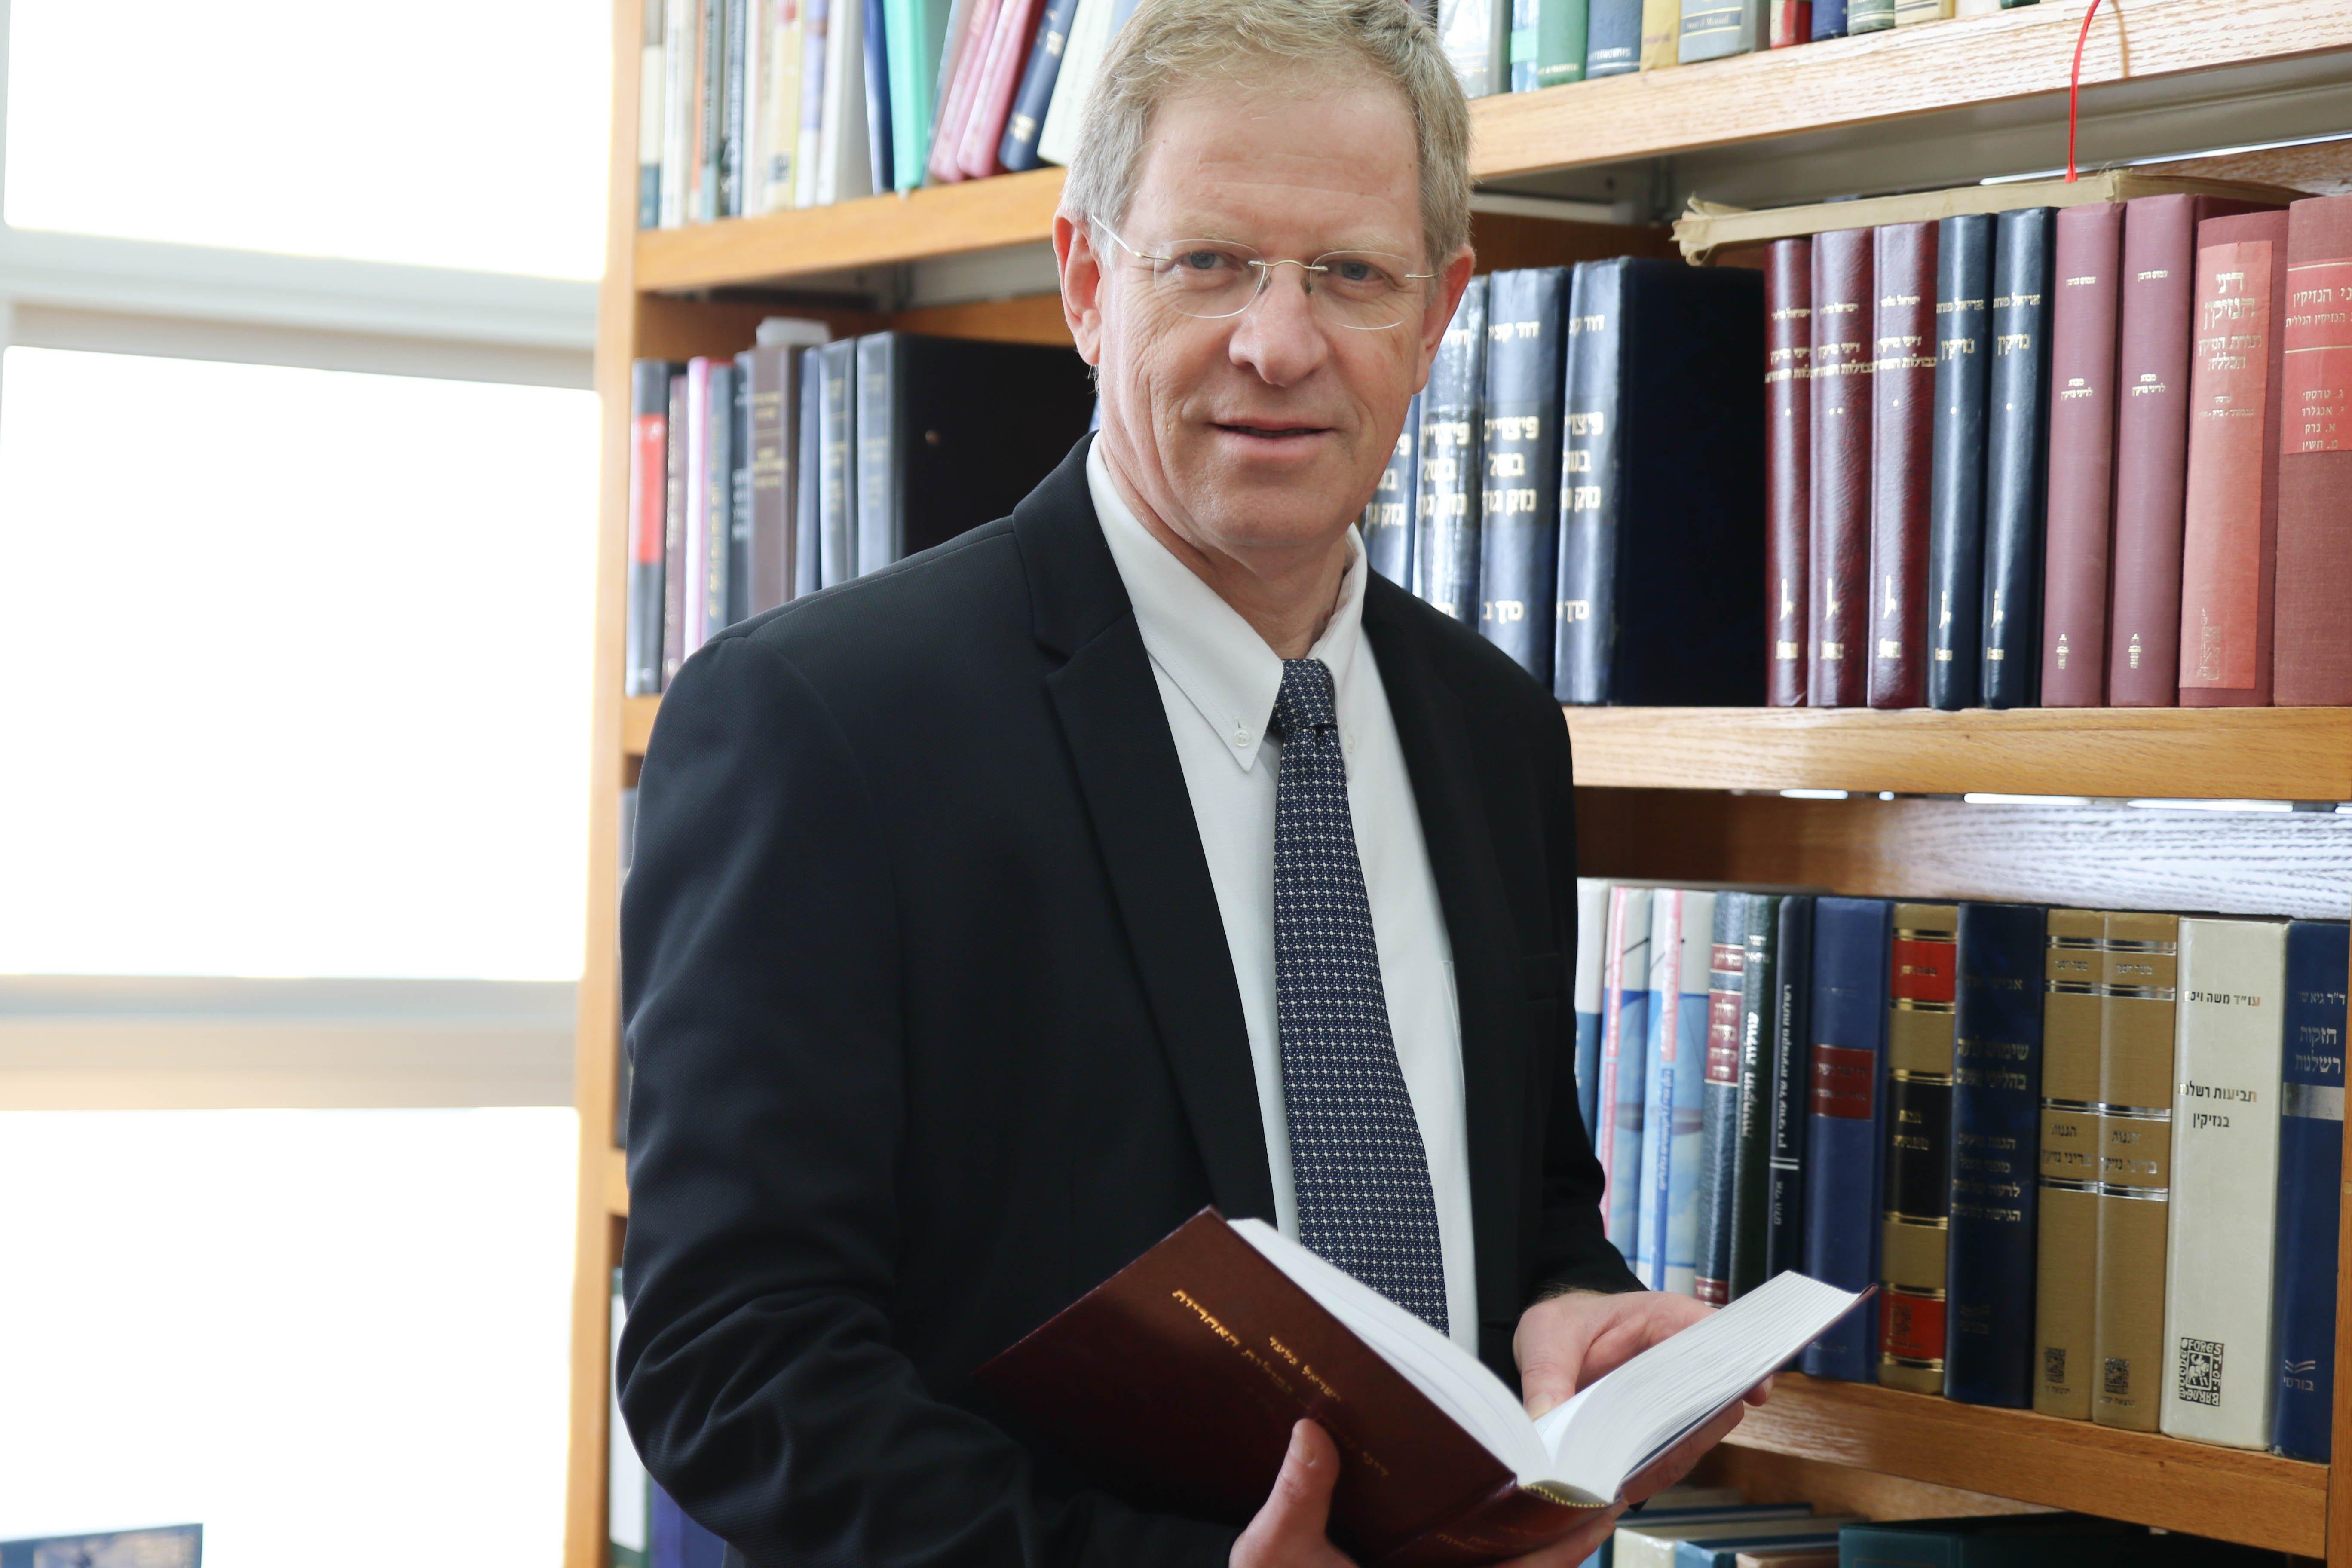 القاضي دورون بورات: نقابة المحامين في الشمال شريك أساسي دائم وهذا الانجاز يعود لهم